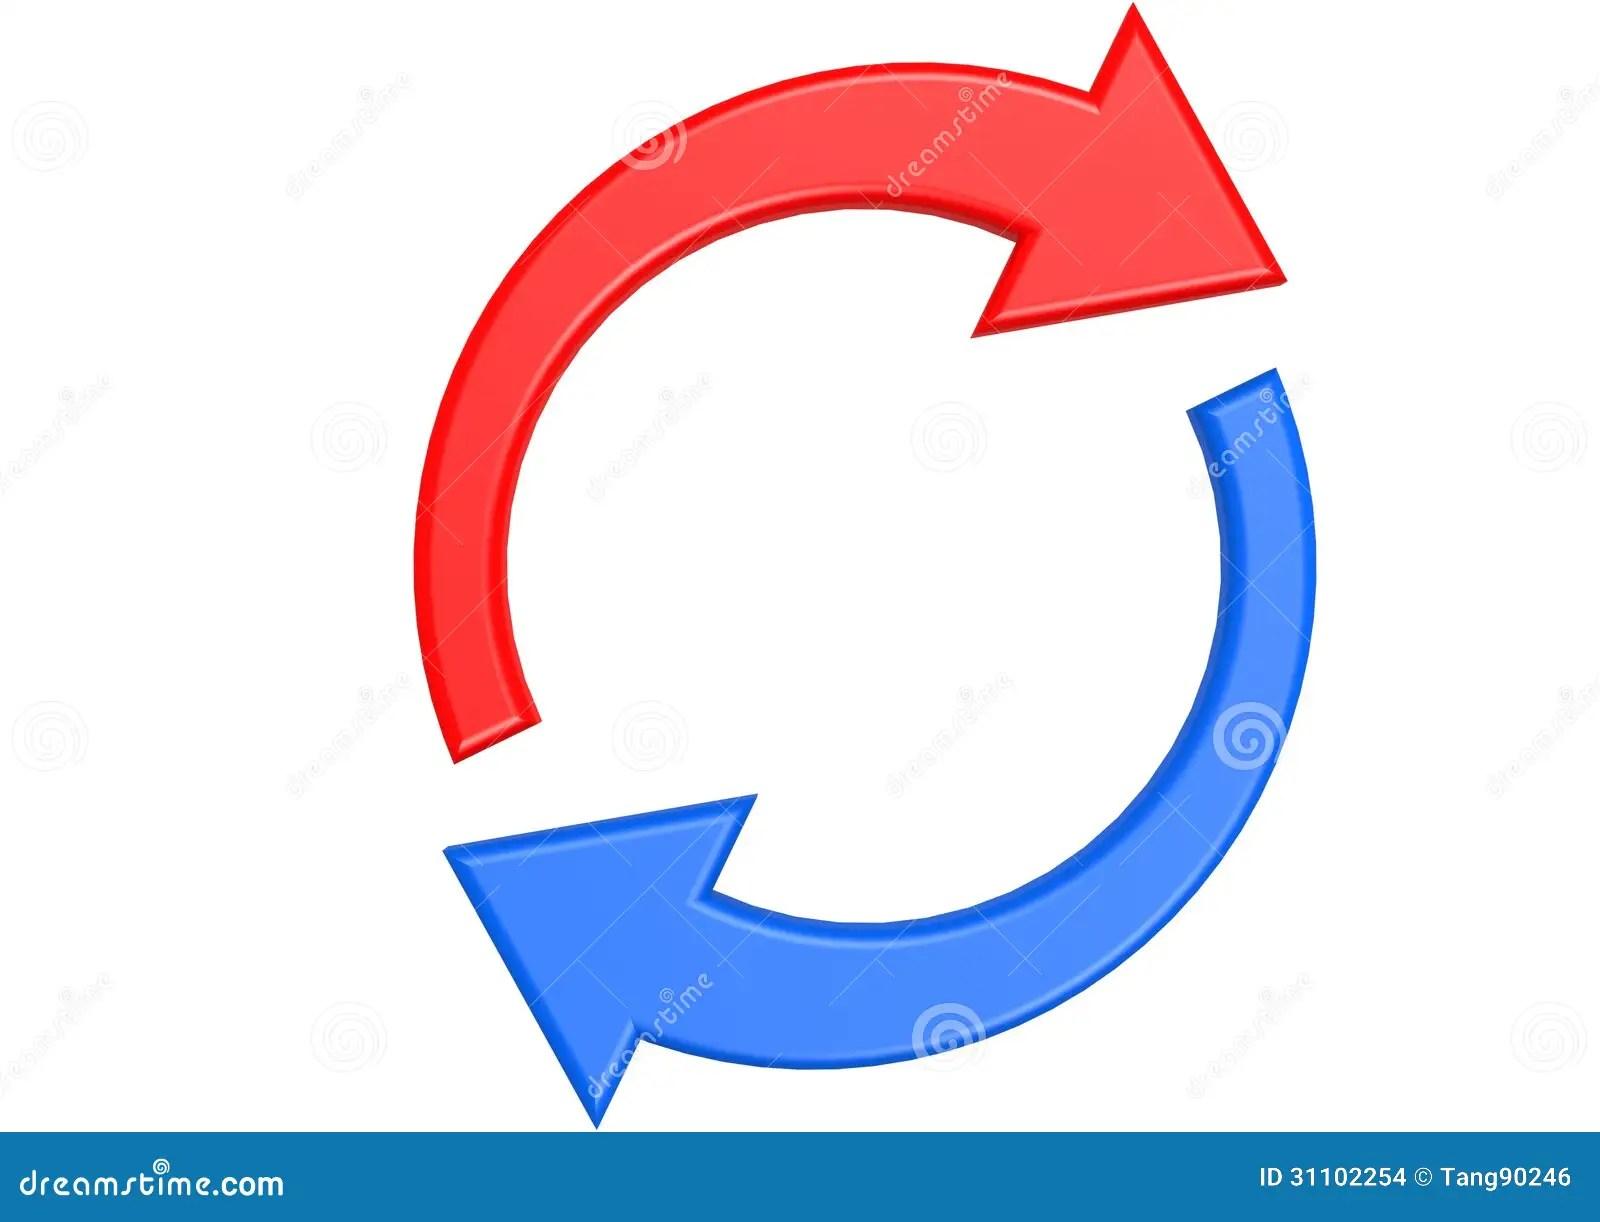 Chart Down Arrow Icon White